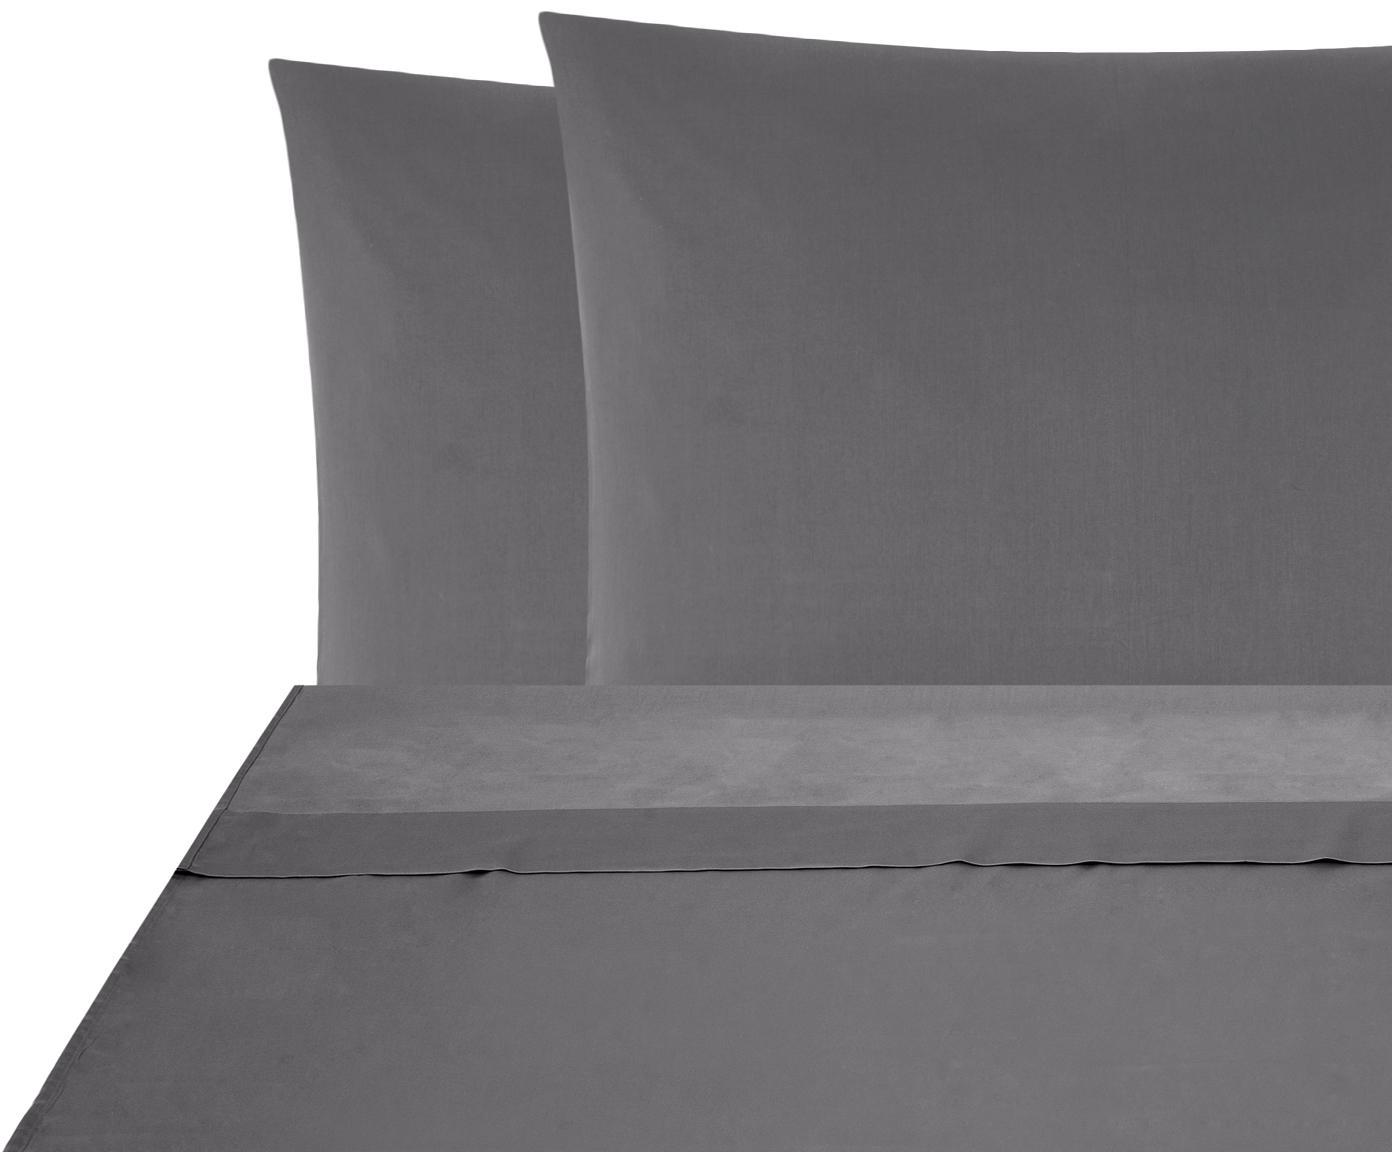 Set lenzuola in raso di cotone Comfort 2 pz, Tessuto: raso Densità del filo 250, Grigio scuro, 240 x 300 cm